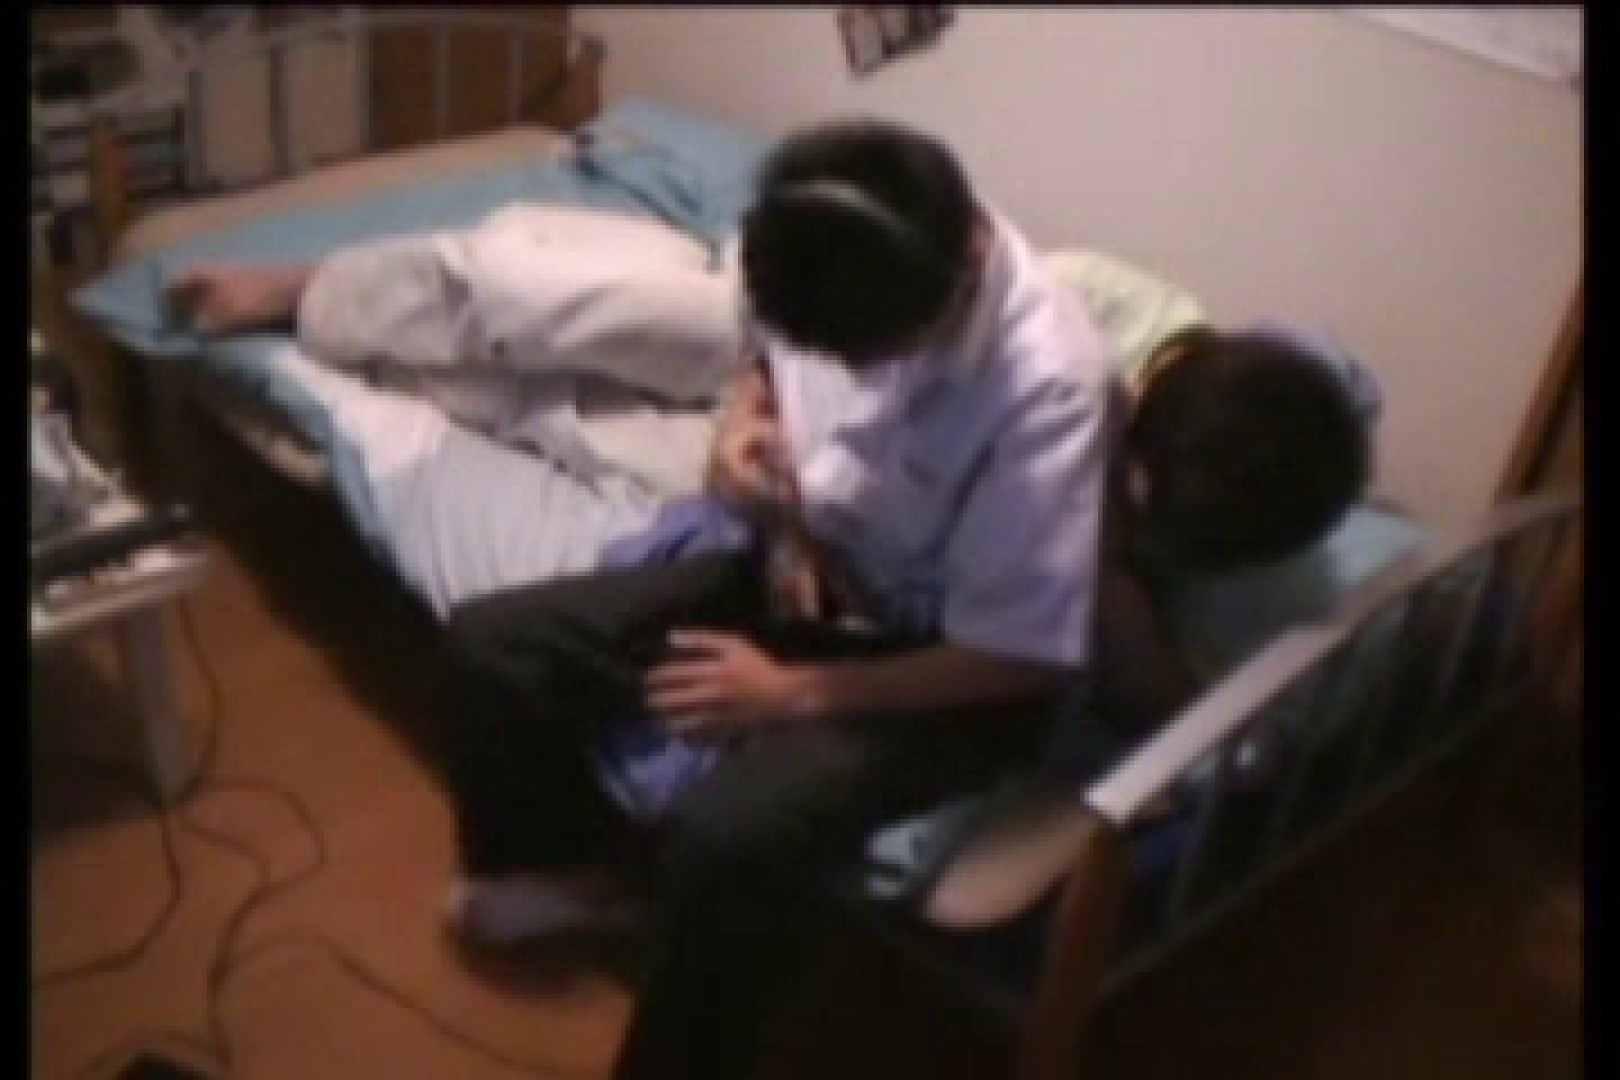 【実録投稿】友達覗撮In my room!! 射精  102pic 36